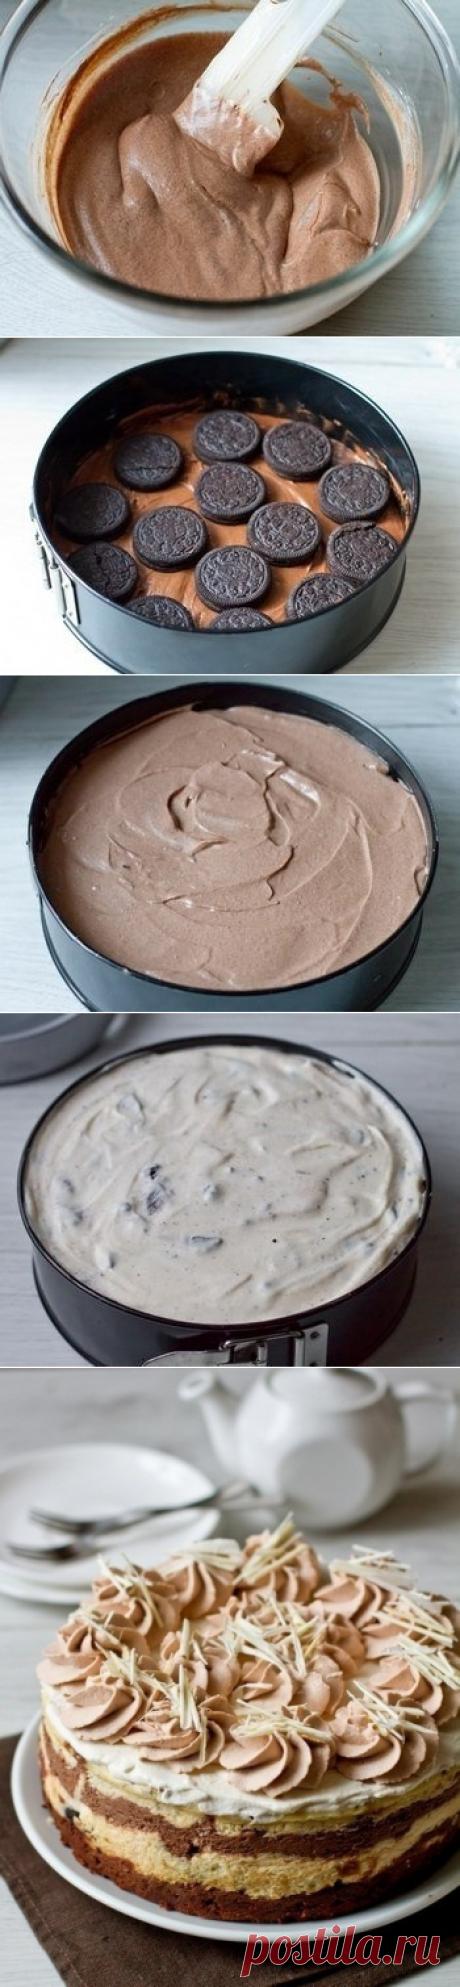 """Как приготовить чизкейк """"шоколадное безумие"""" - рецепт, ингредиенты и фотографии"""